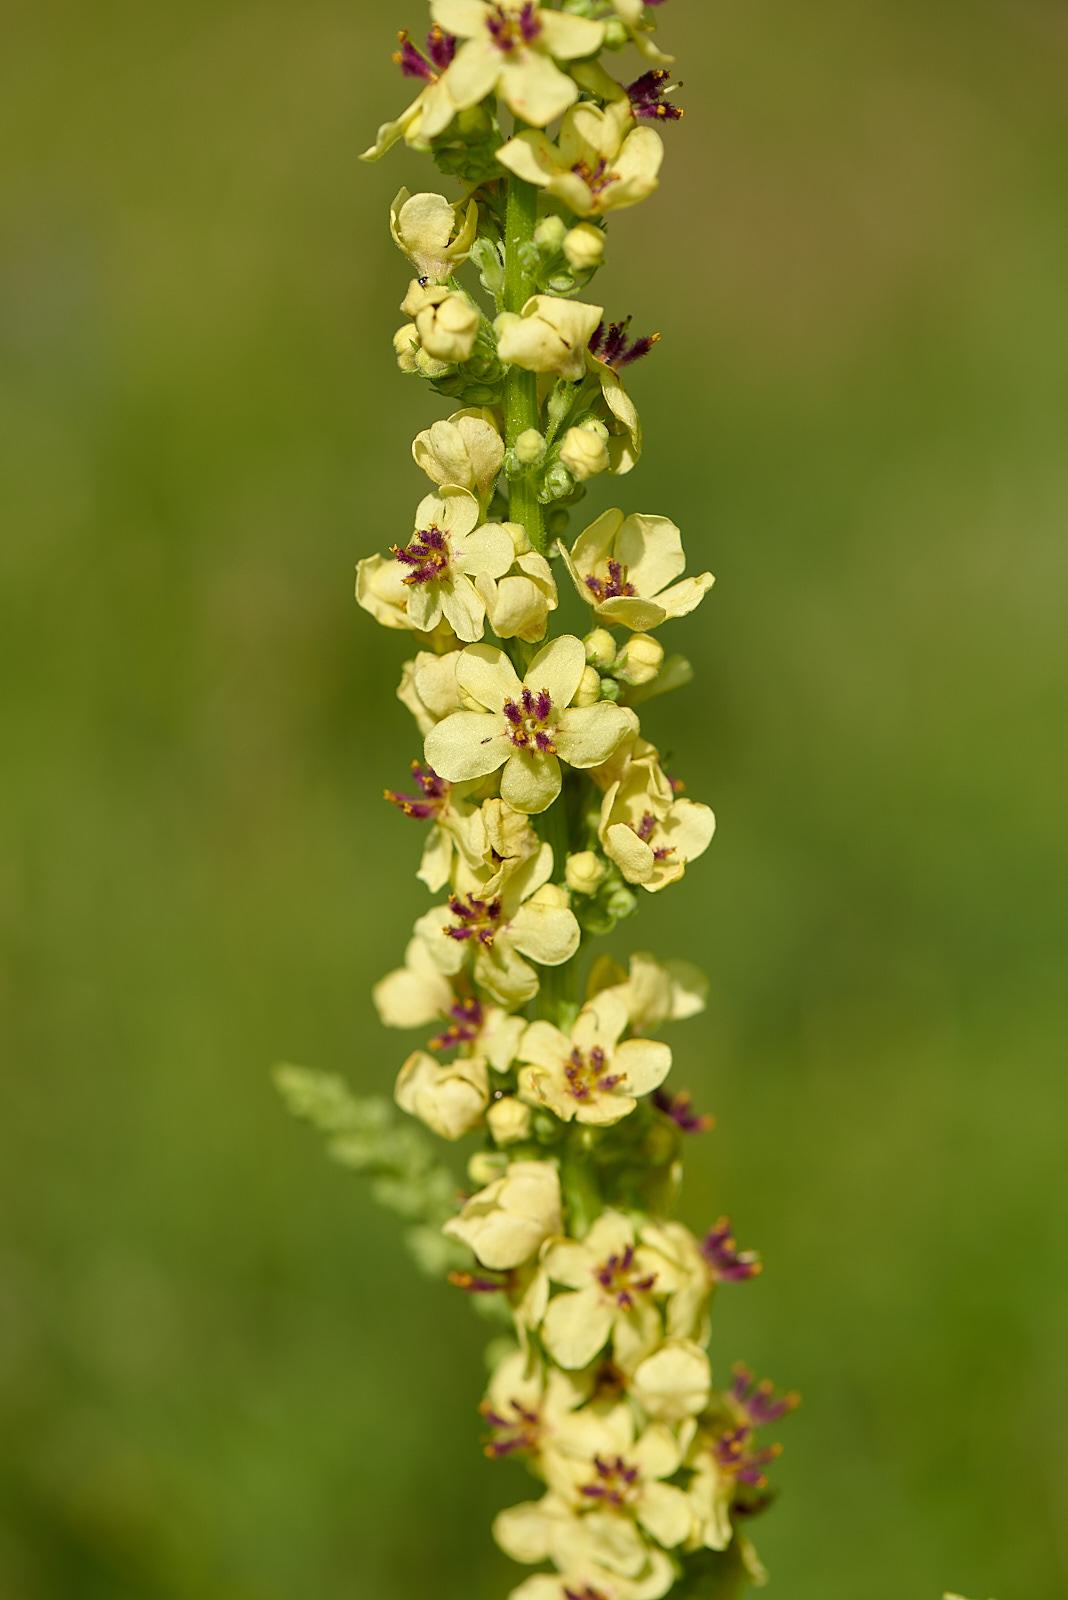 Dunkle Königskerze (Verbascum nigrum)